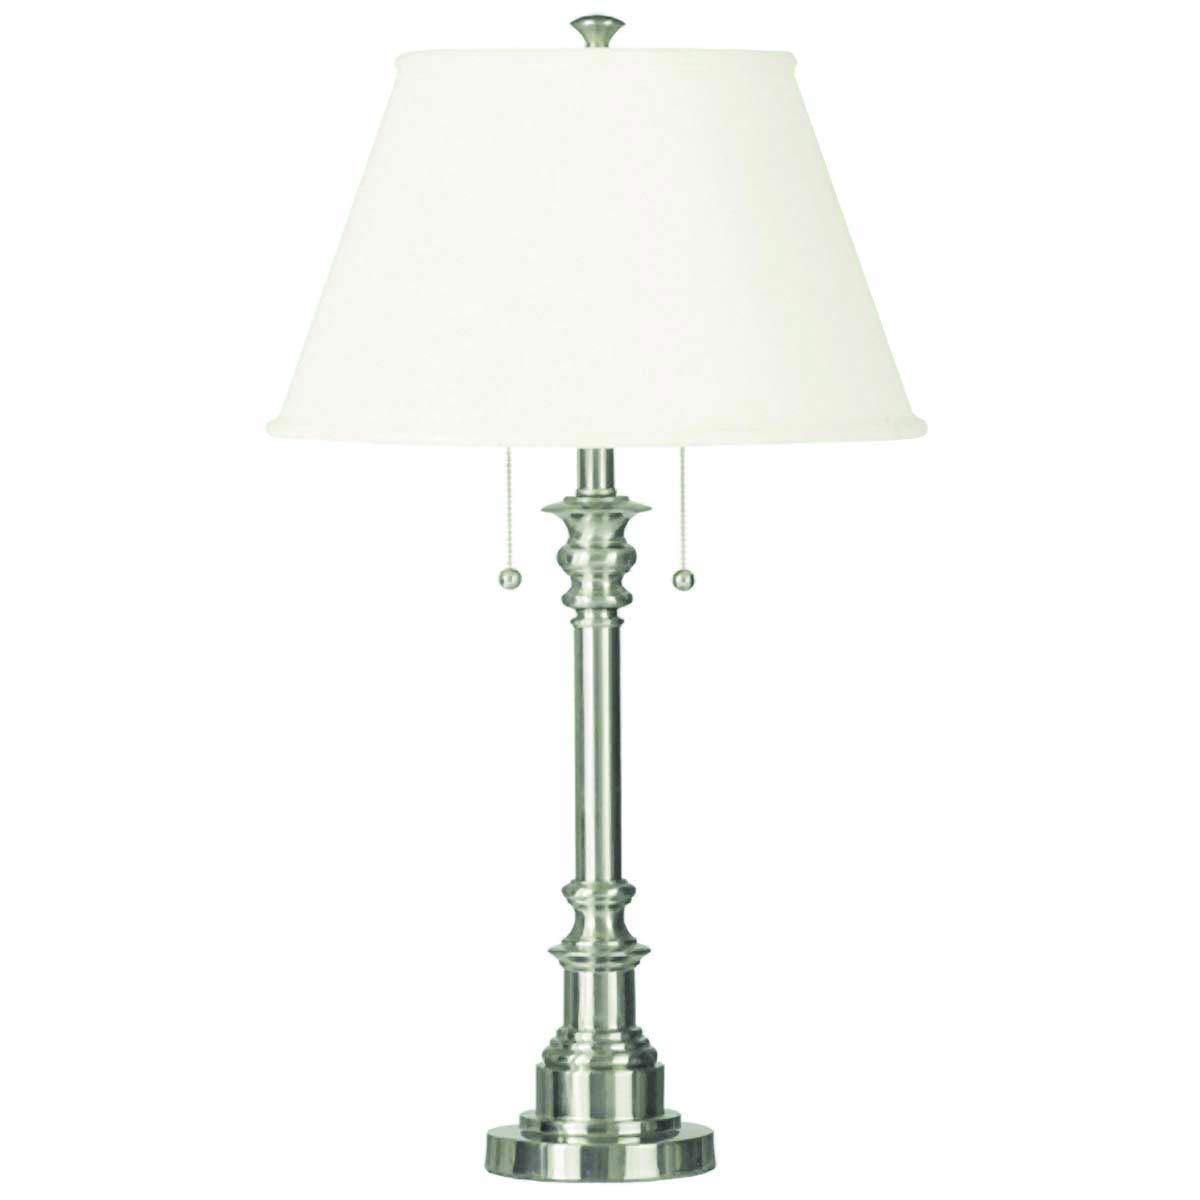 Kenroy Home 30437BS Spyglass Table Lamp Brushed Steel